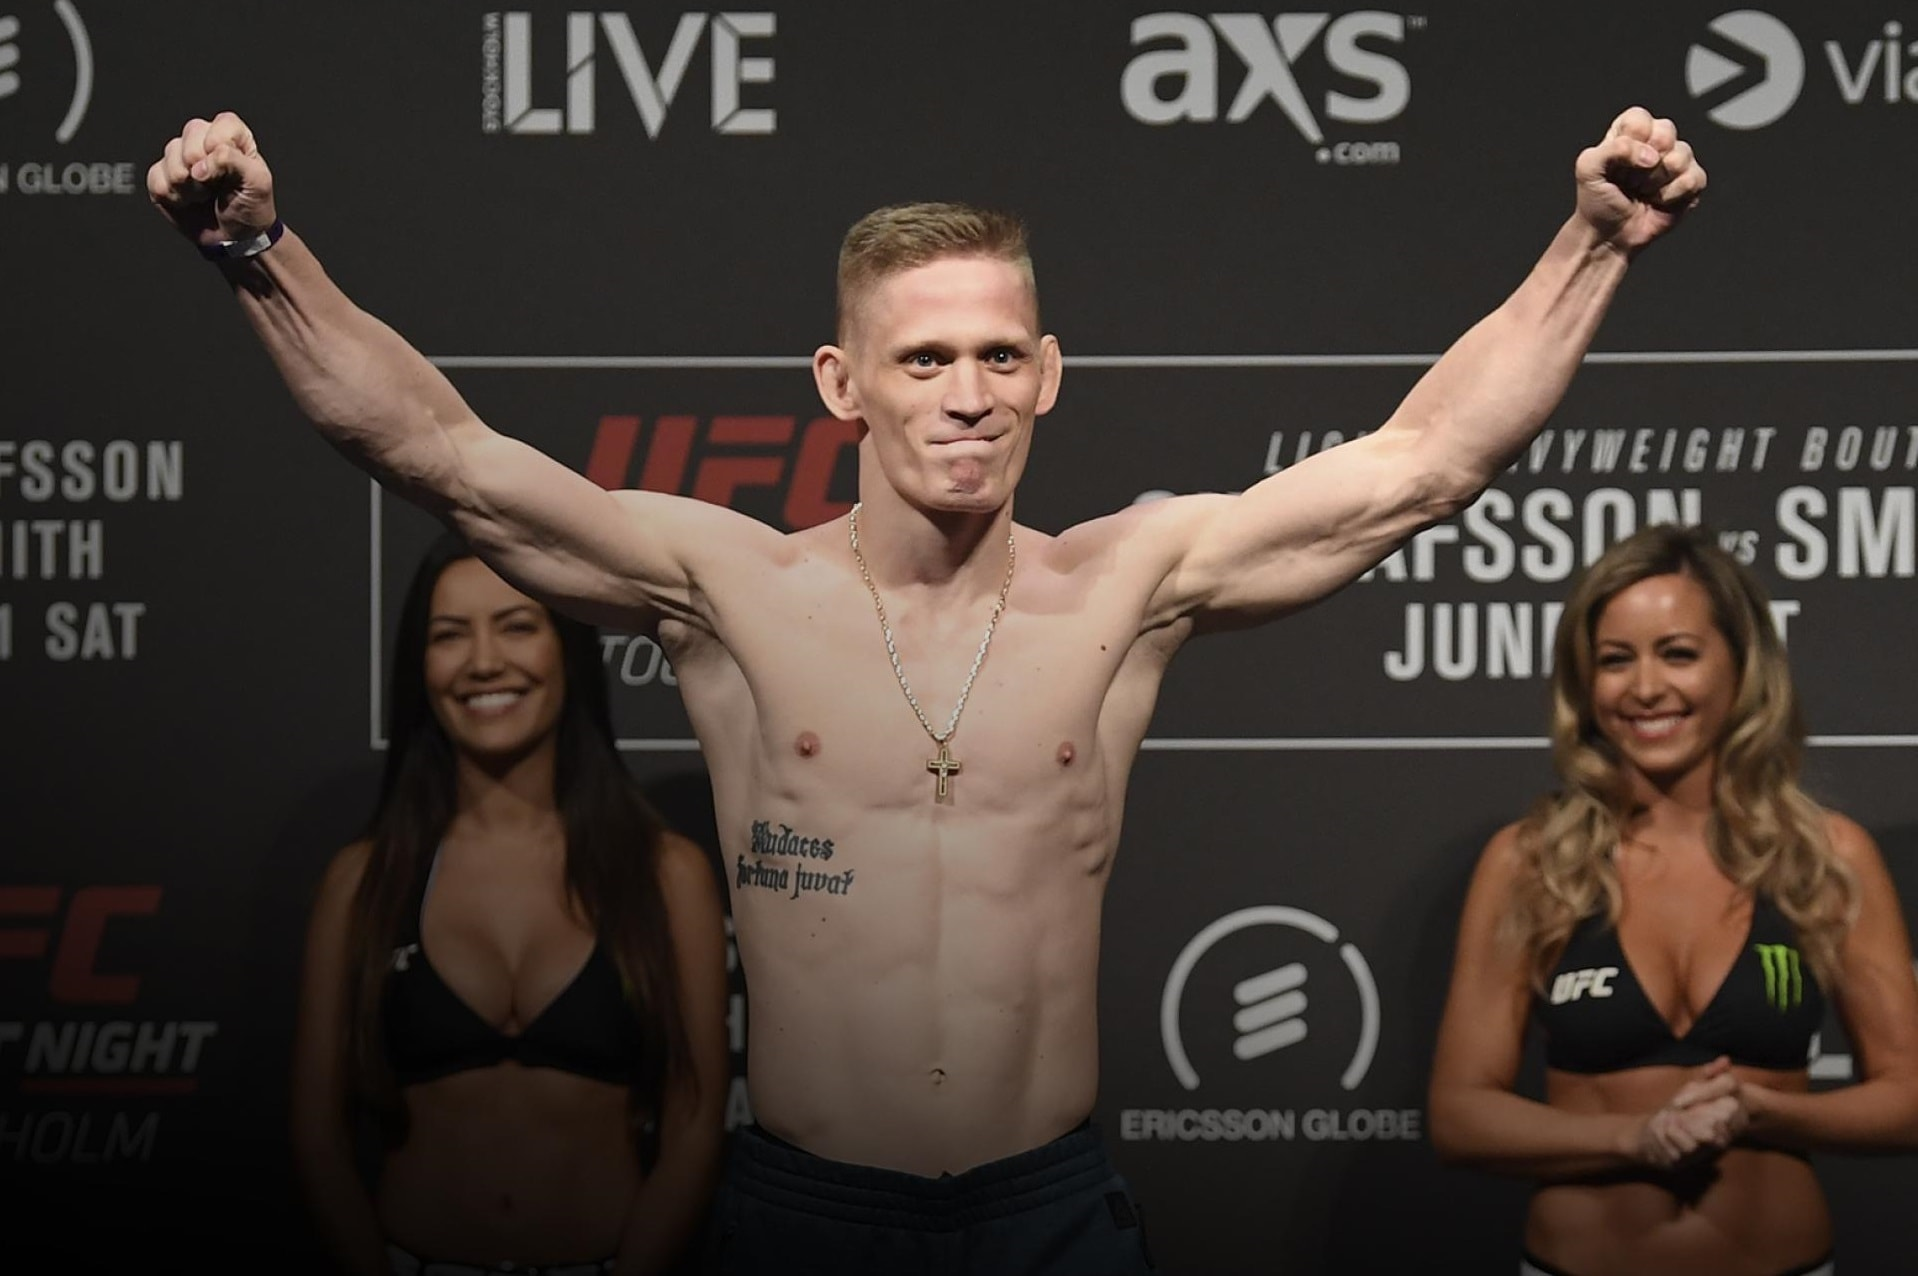 Сергей Хандожко - боец UFC: биография, карьера в UFC, статистика и видео боёв